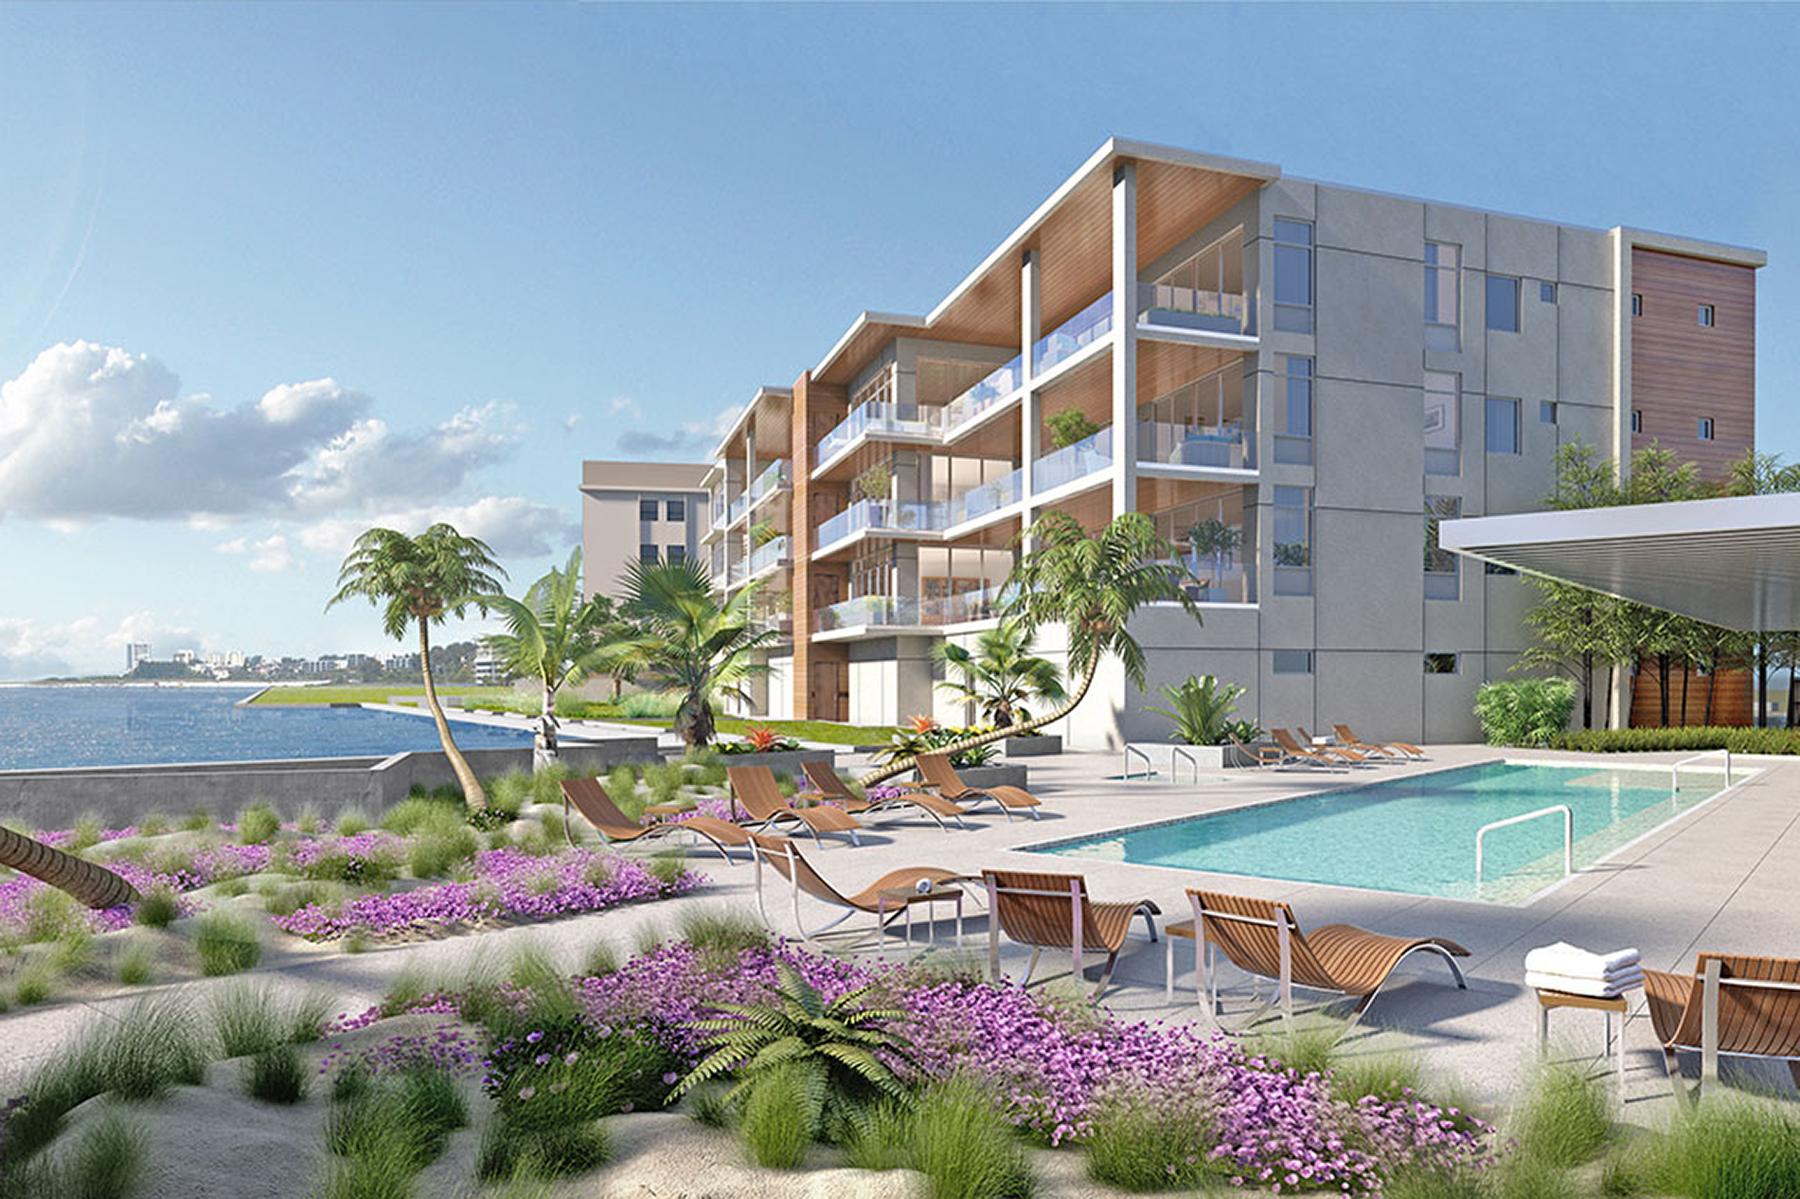 Condomínio para Venda às 4740 Ocean Blvd , 301 Penthou, Sarasota, FL 34242 4740 Ocean Blvd 301 Penthou Sarasota, Florida, 34242 Estados Unidos